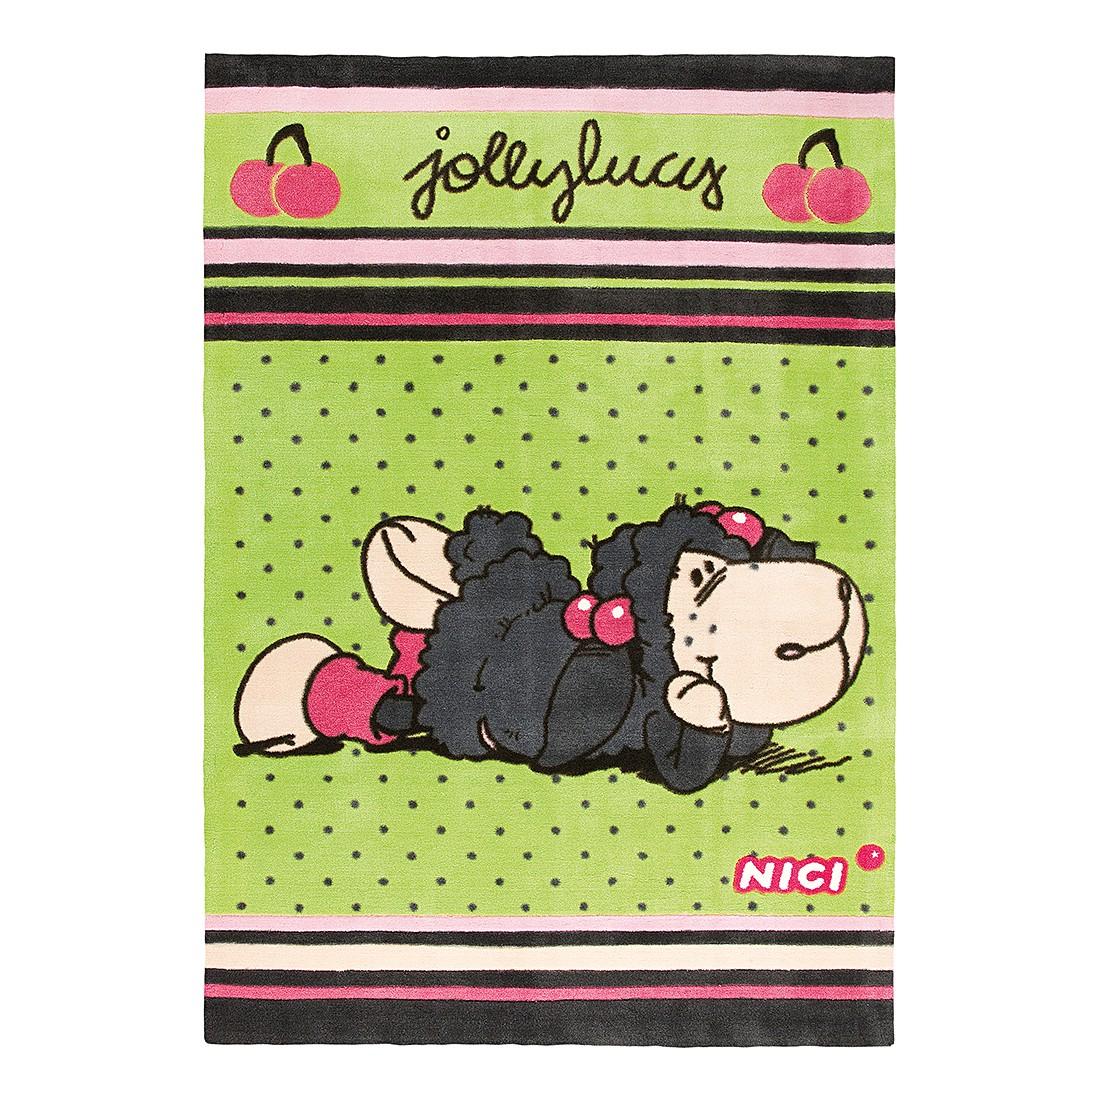 Teppich Jolly Lucy – Grün, Nici günstig bestellen